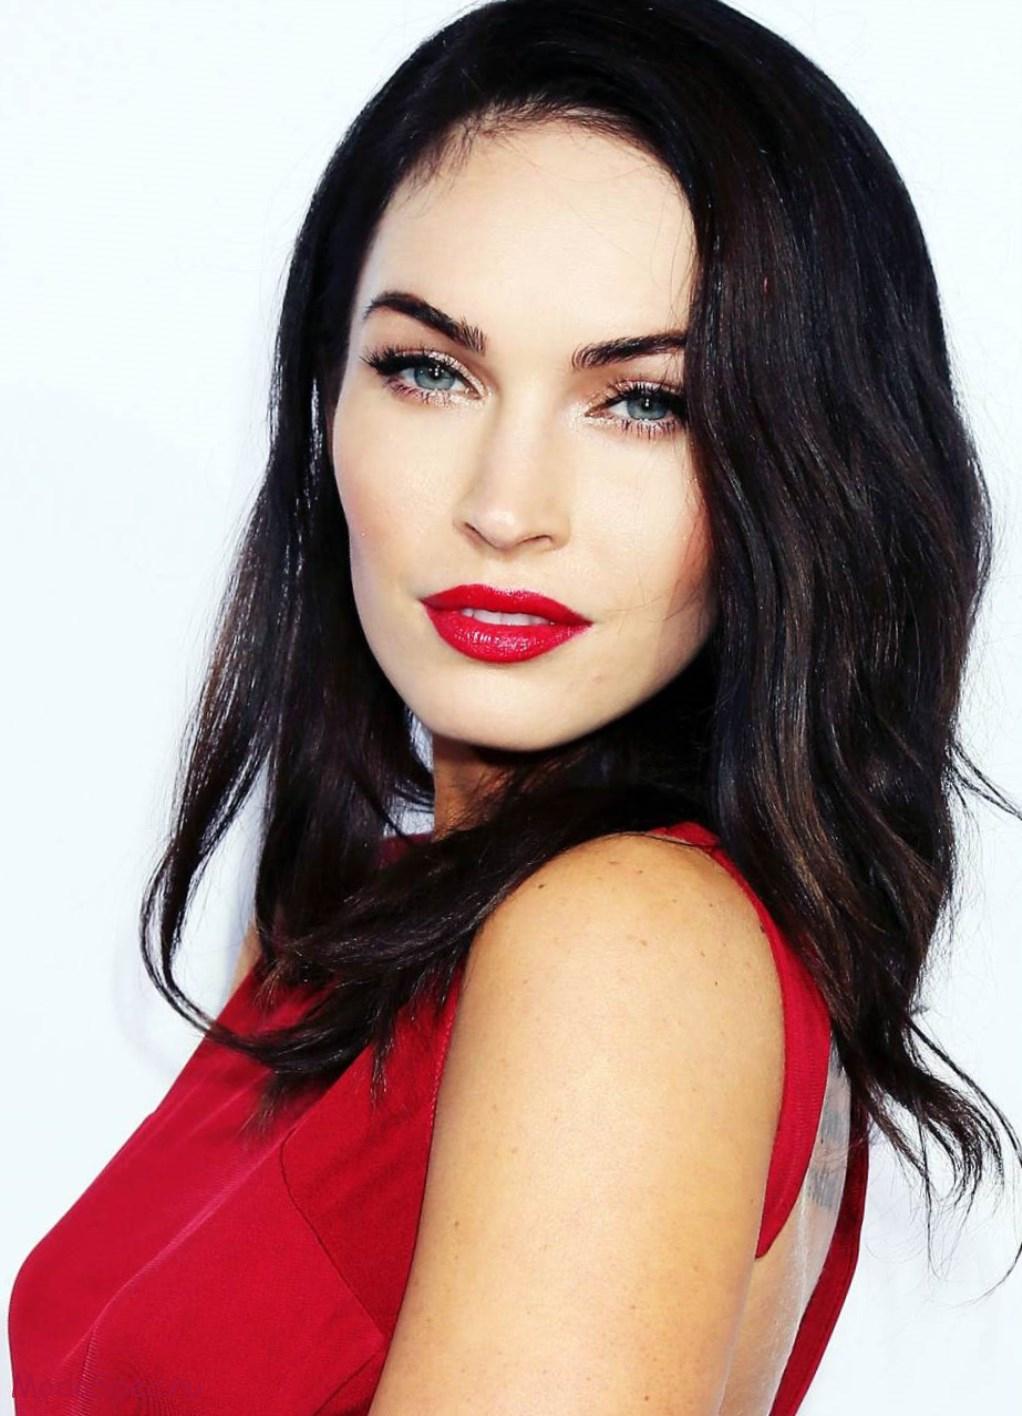 128da8b382ad720 Не все женщины предпочитают помаду при накладывании макияжа. Под красное  платье они могут выбрать блеск для губ. Его оттенок может быть розовым, ...